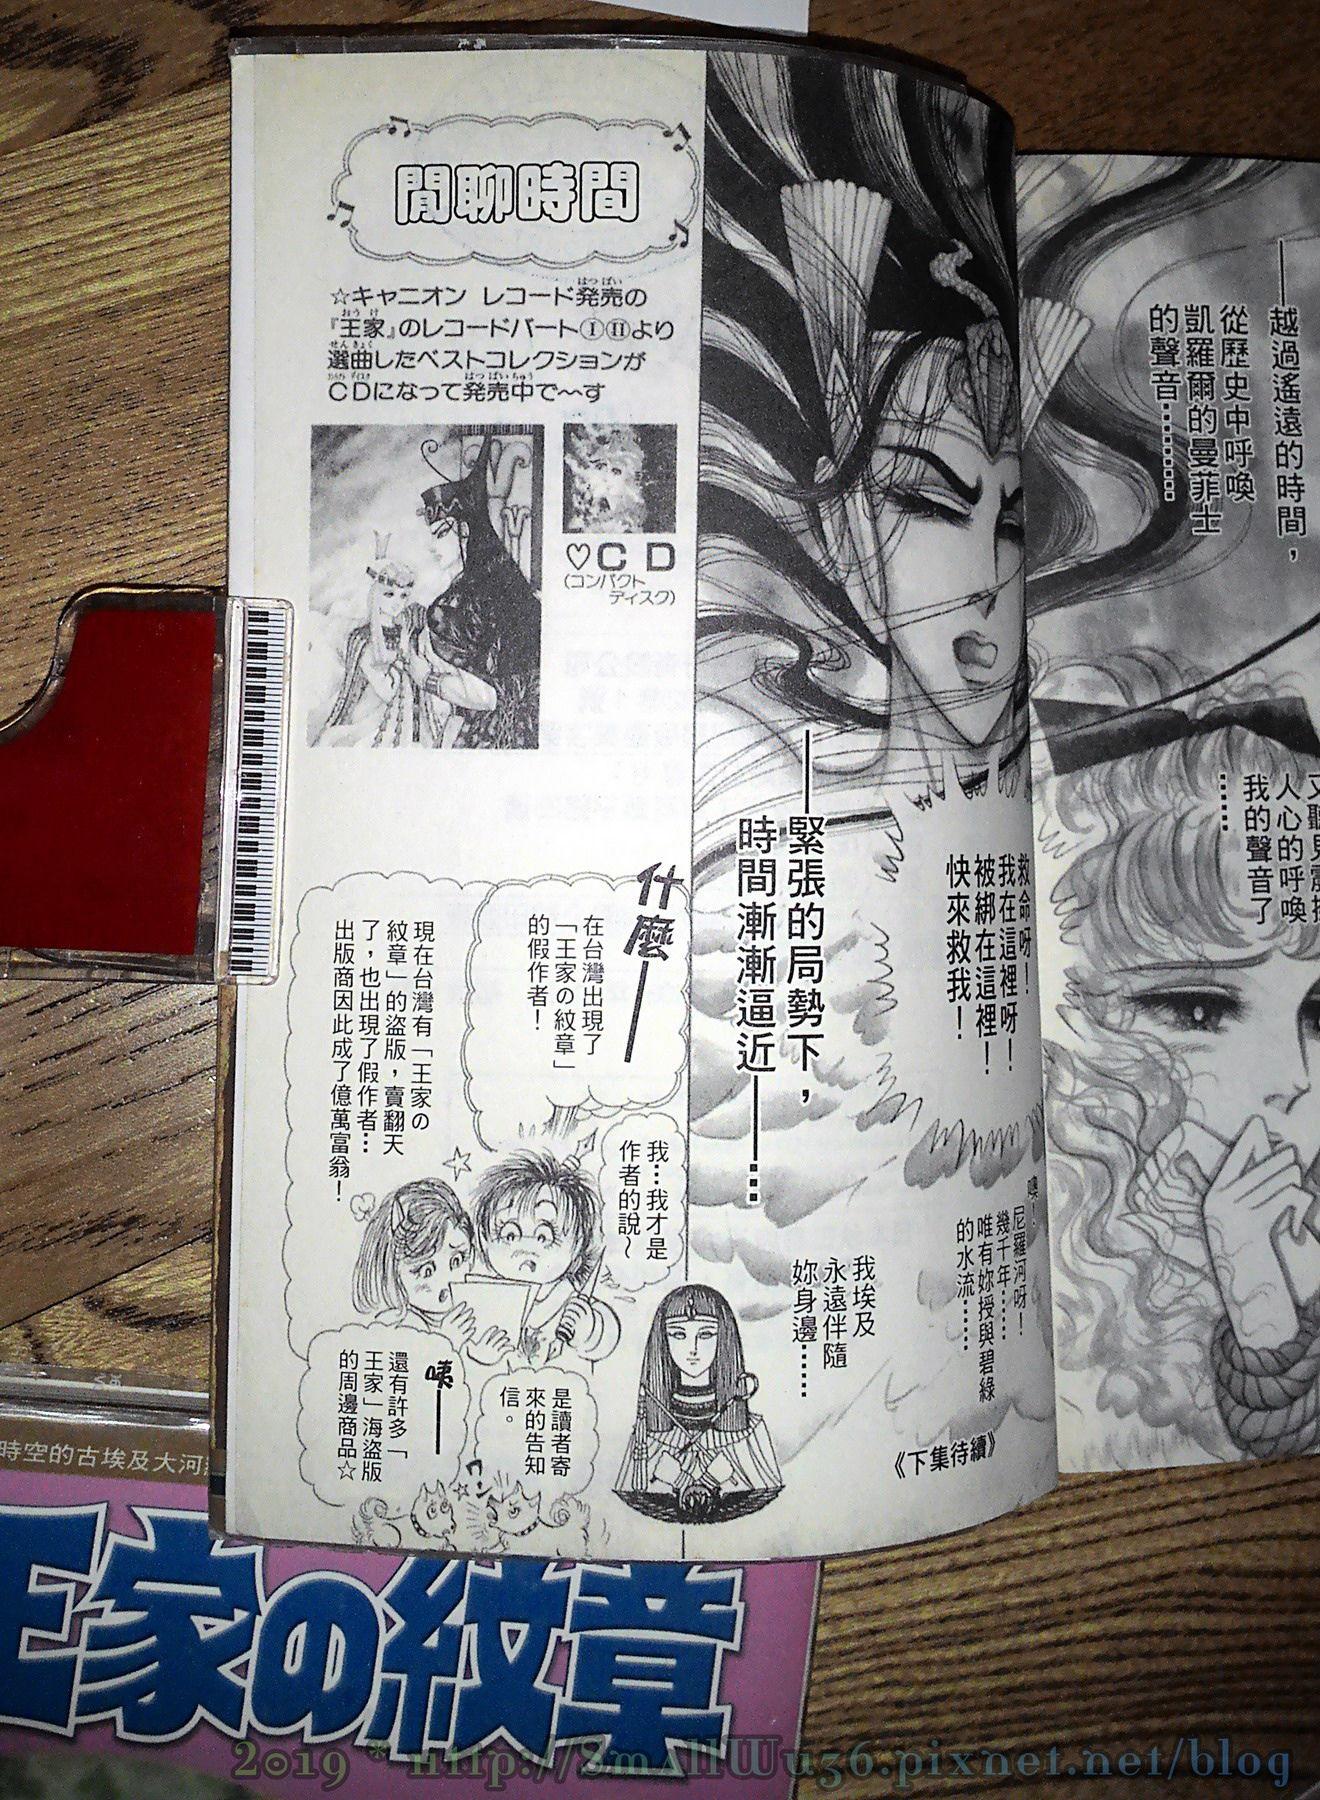 細川智榮子-王家的紋章(尼羅河女兒) 11-26 (長鴻)  vol_23 關於盜版.jpg